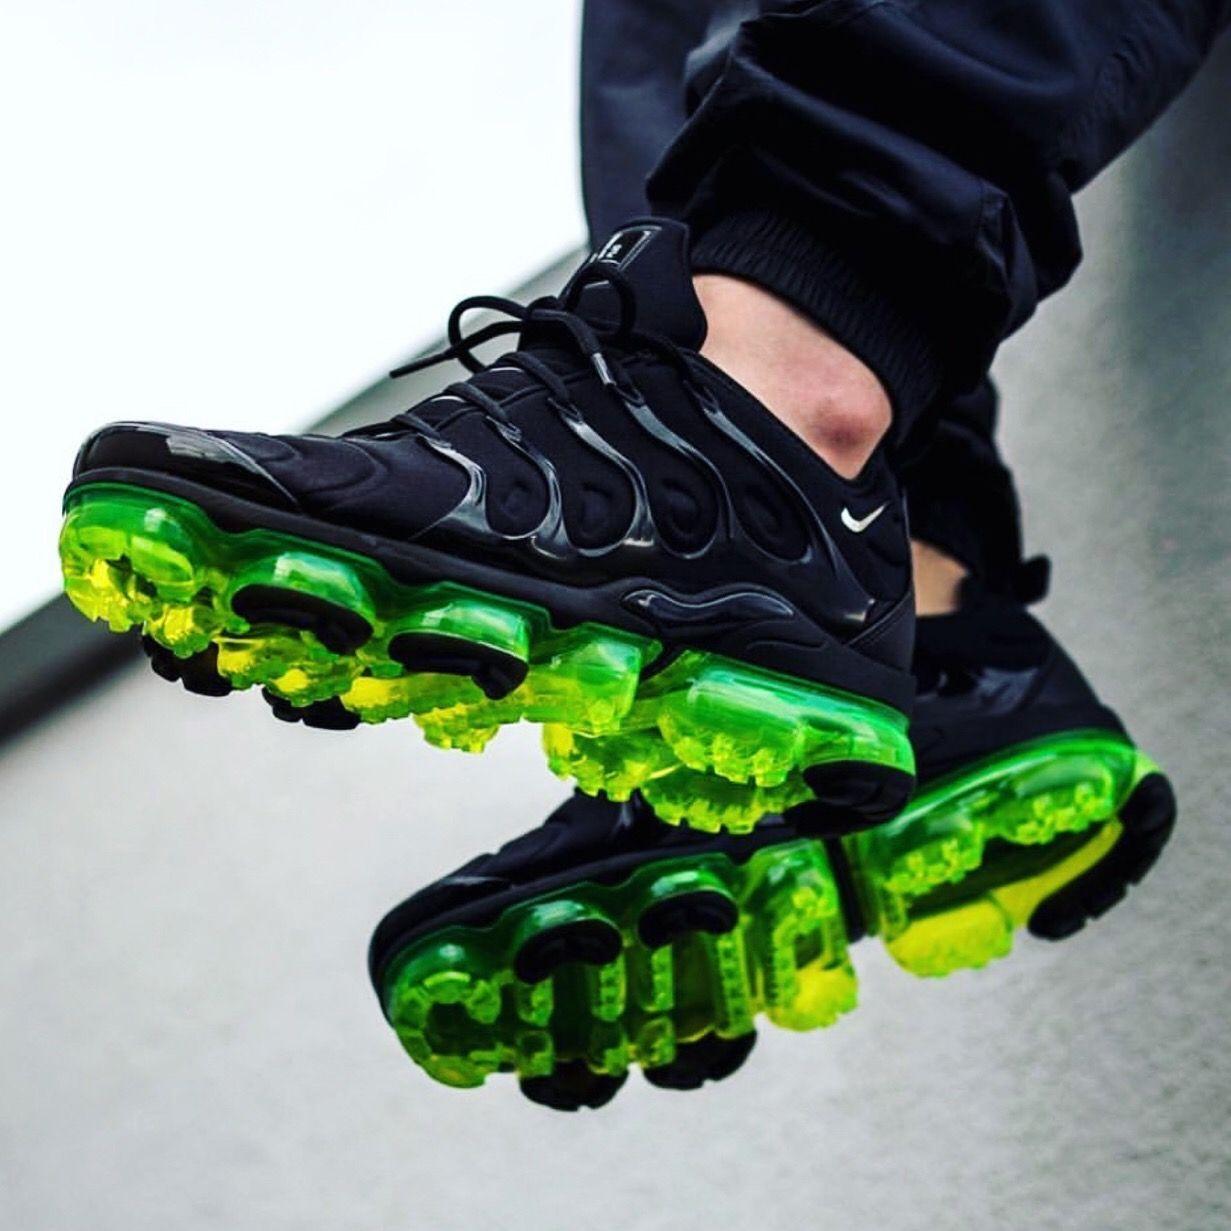 blusa Una herramienta central que juega un papel importante. Exagerar  Air VaporMax Plus Mens Shoe - #air #Mens #plus #Shoe #VaporMax en 2020 |  Zapatos hombre deportivos, Zapatos nike hombre, Zapatillas outlet de nike